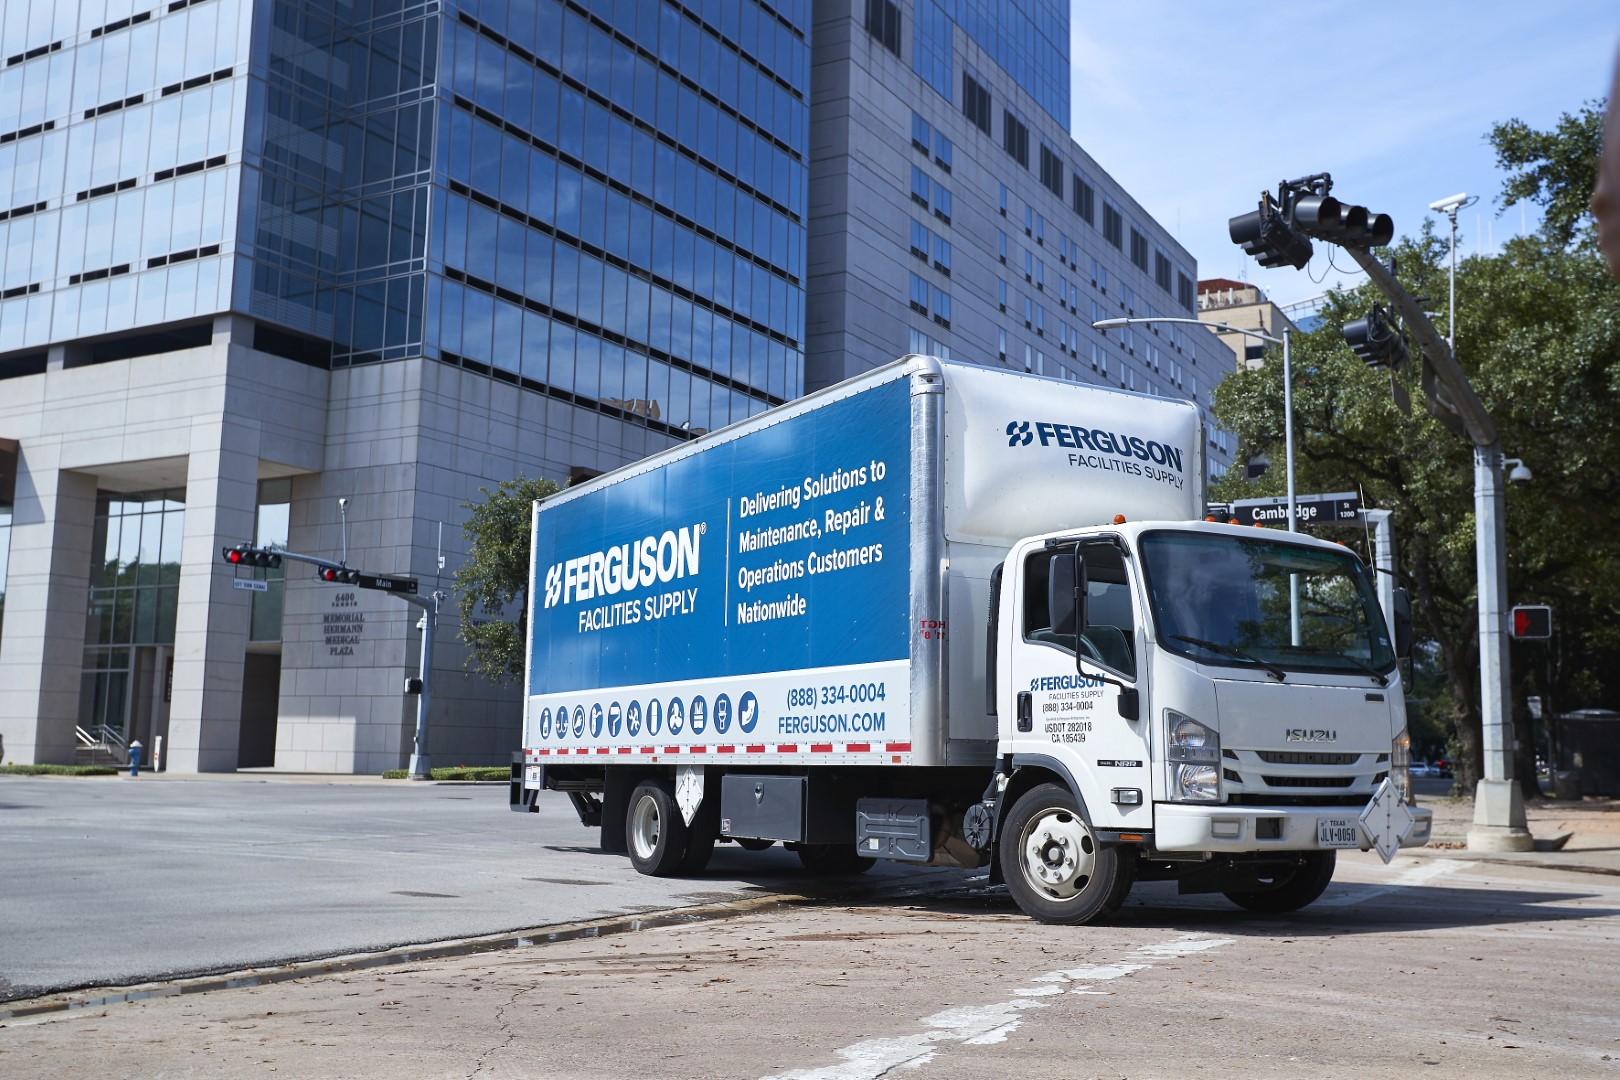 Ferguson truck Large